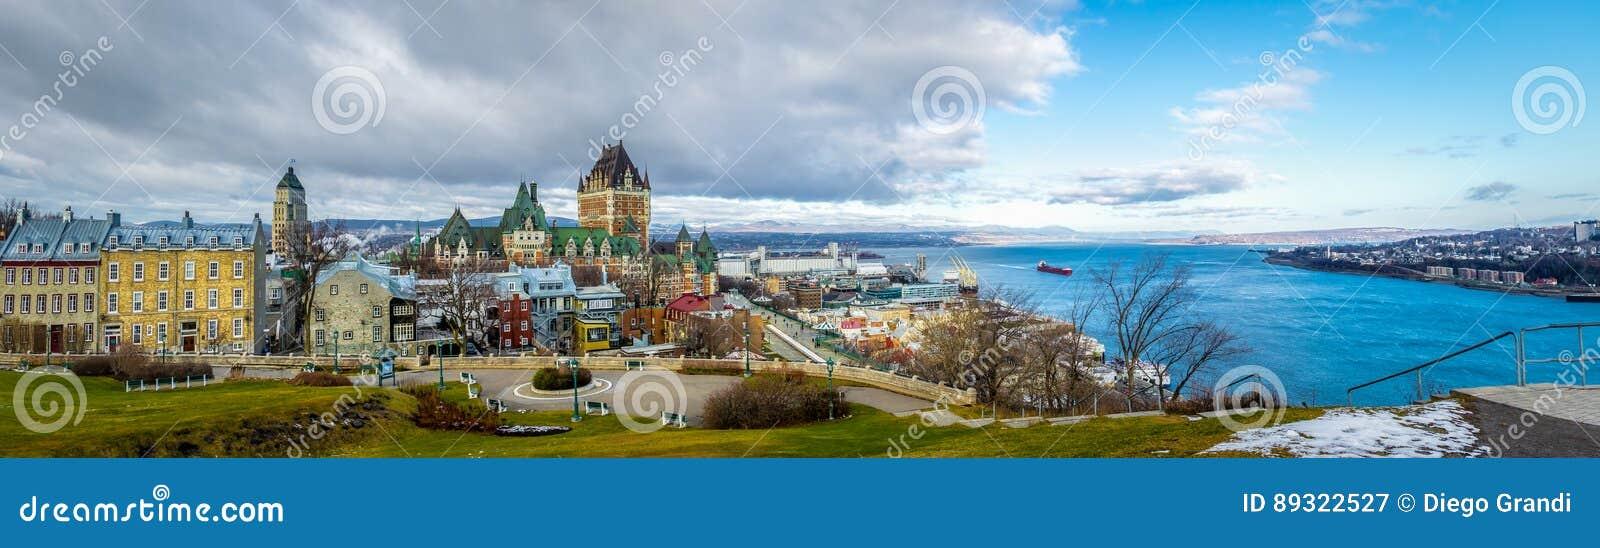 Vista panorâmica da skyline de Cidade de Quebec com castelo Frontenac e Rio São Lourenço - Cidade de Quebec, Quebeque, Canadá